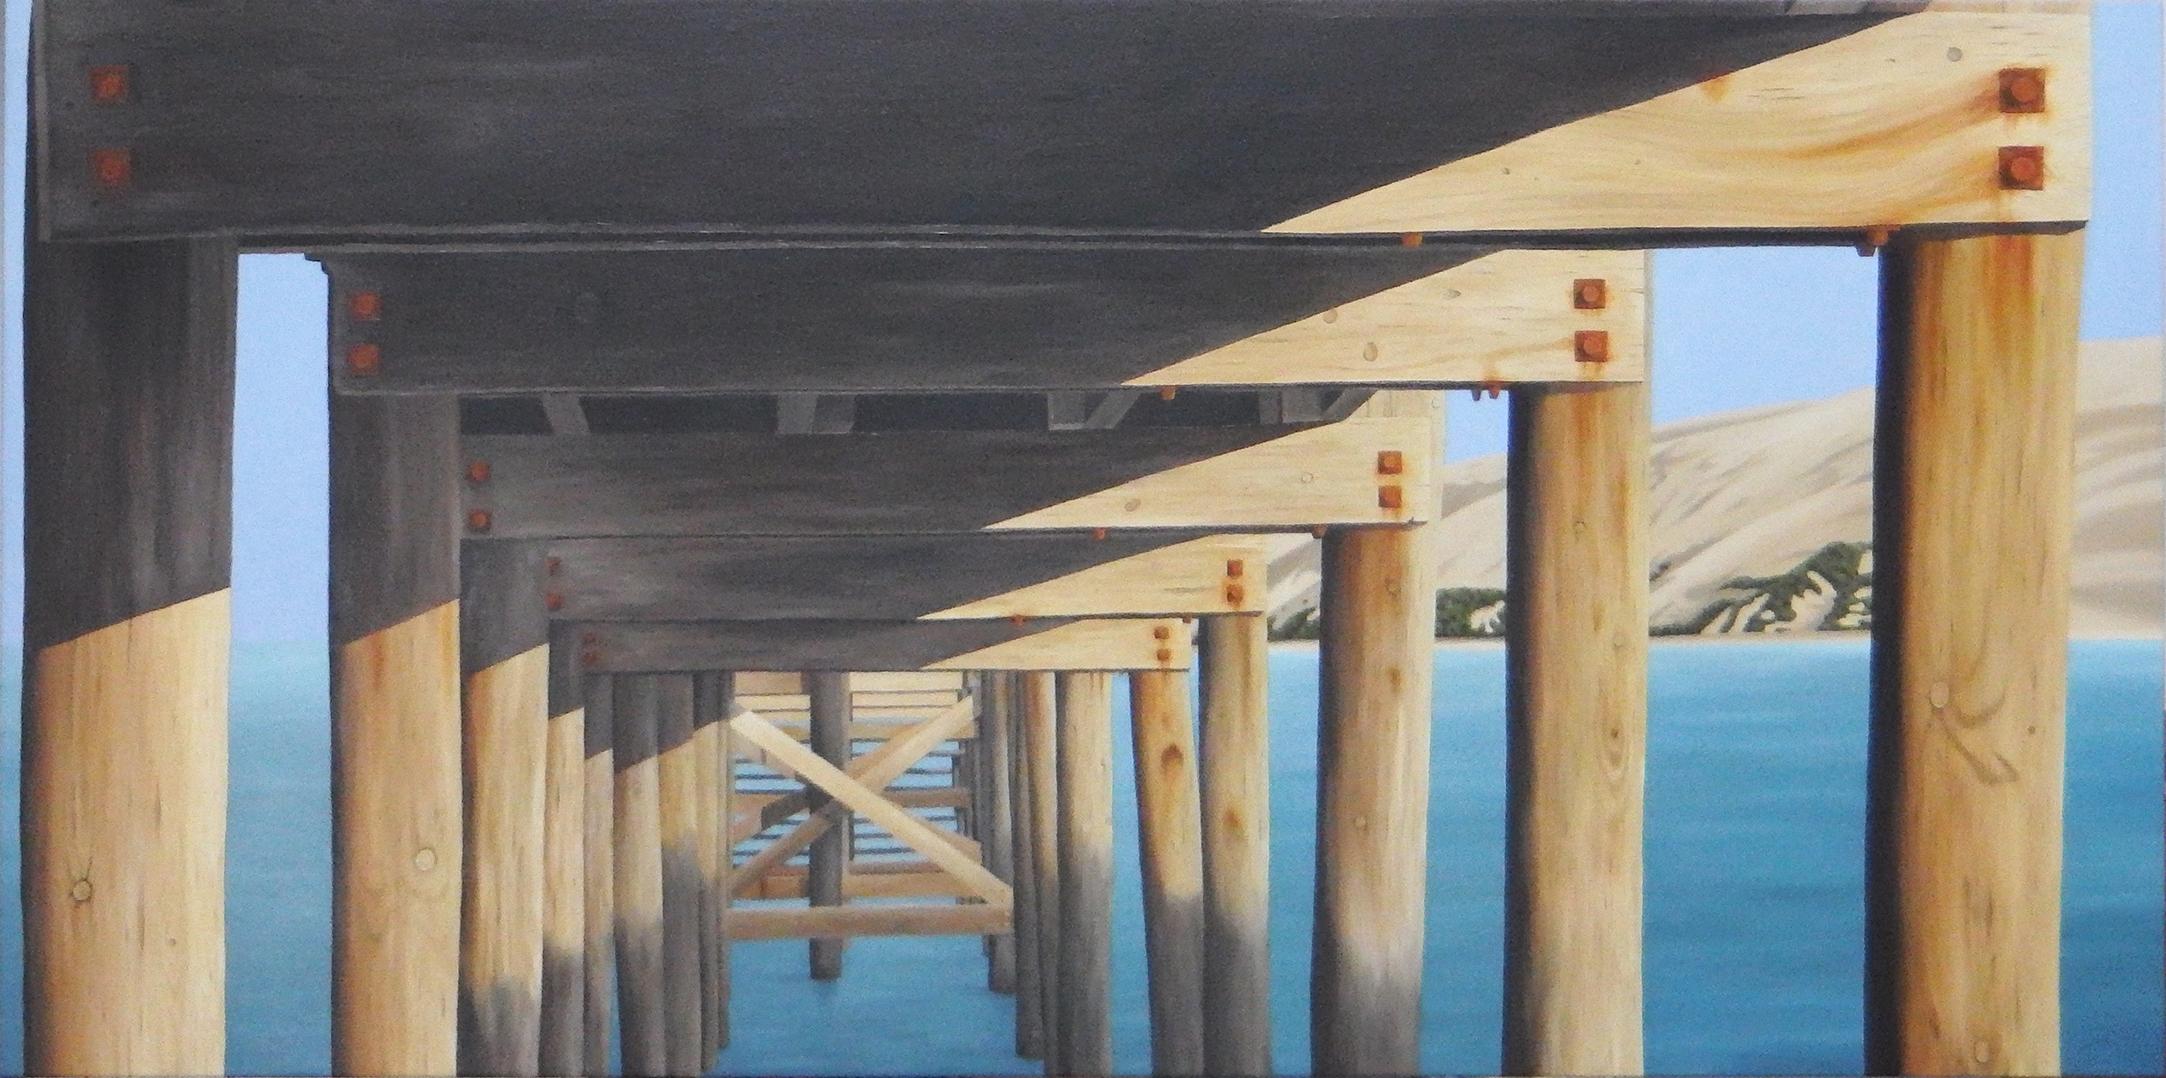 Hokianga Wharf 1400x700 LR